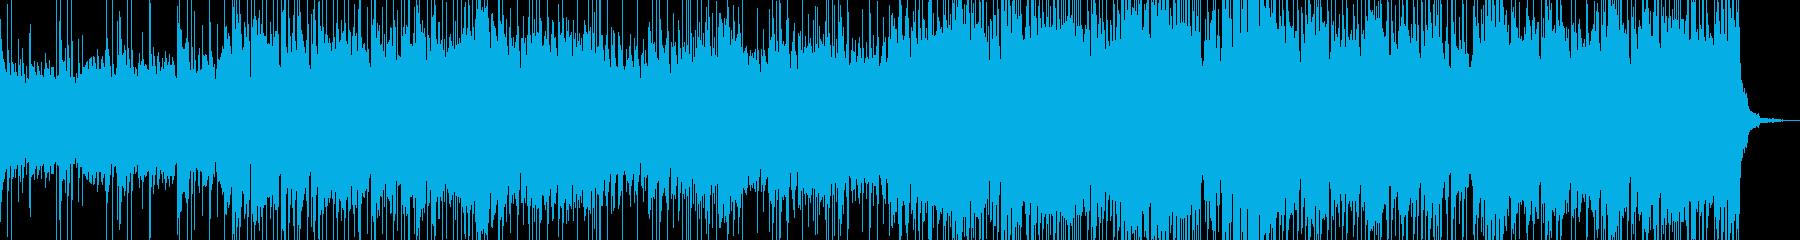 疾走感のあるSTG向けハウステクノの再生済みの波形